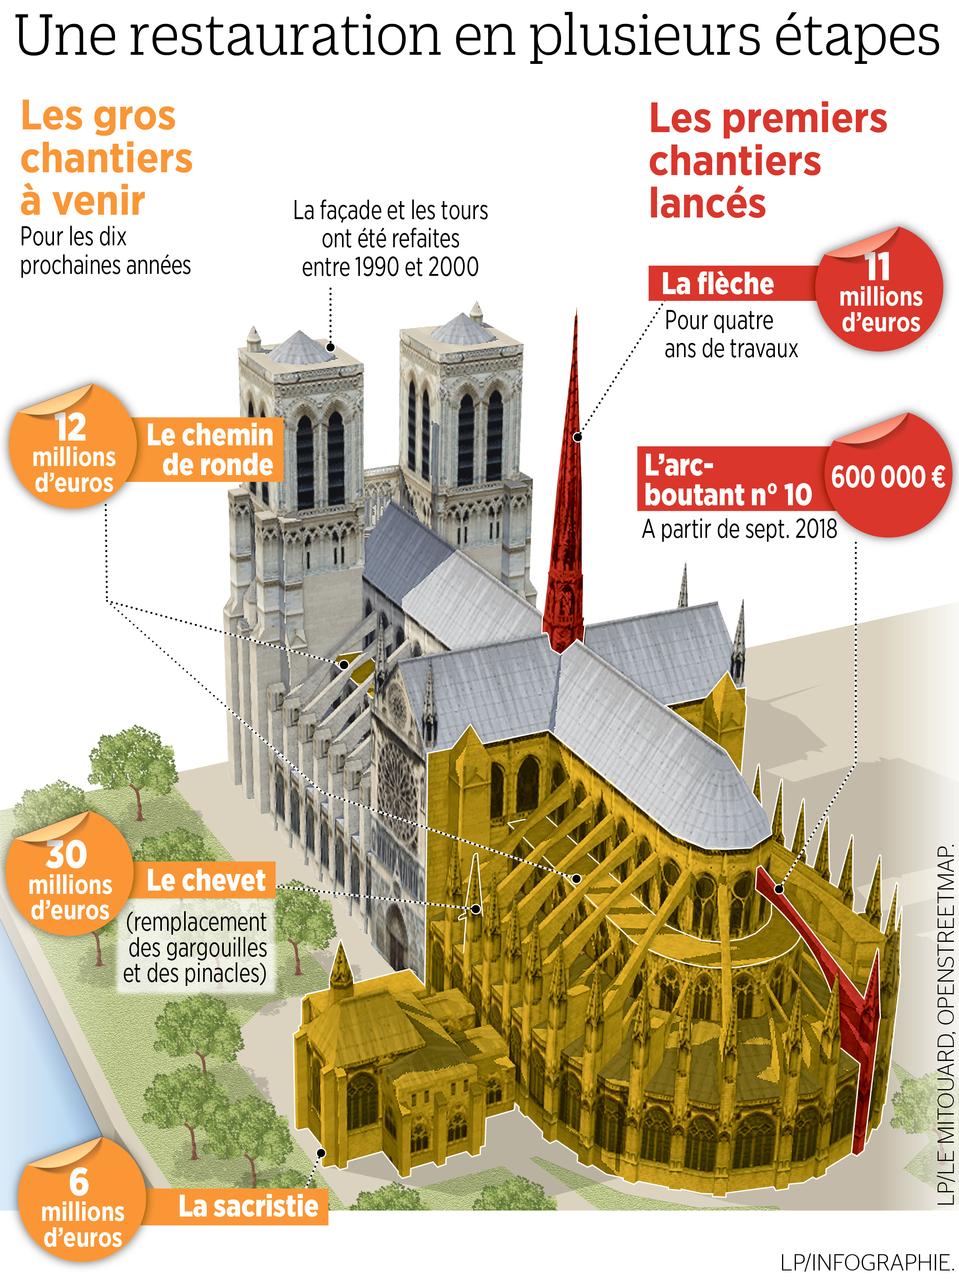 Notre-Dame De66f4d2-3b1e-11e8-ba16-f2a69fa2d915_1